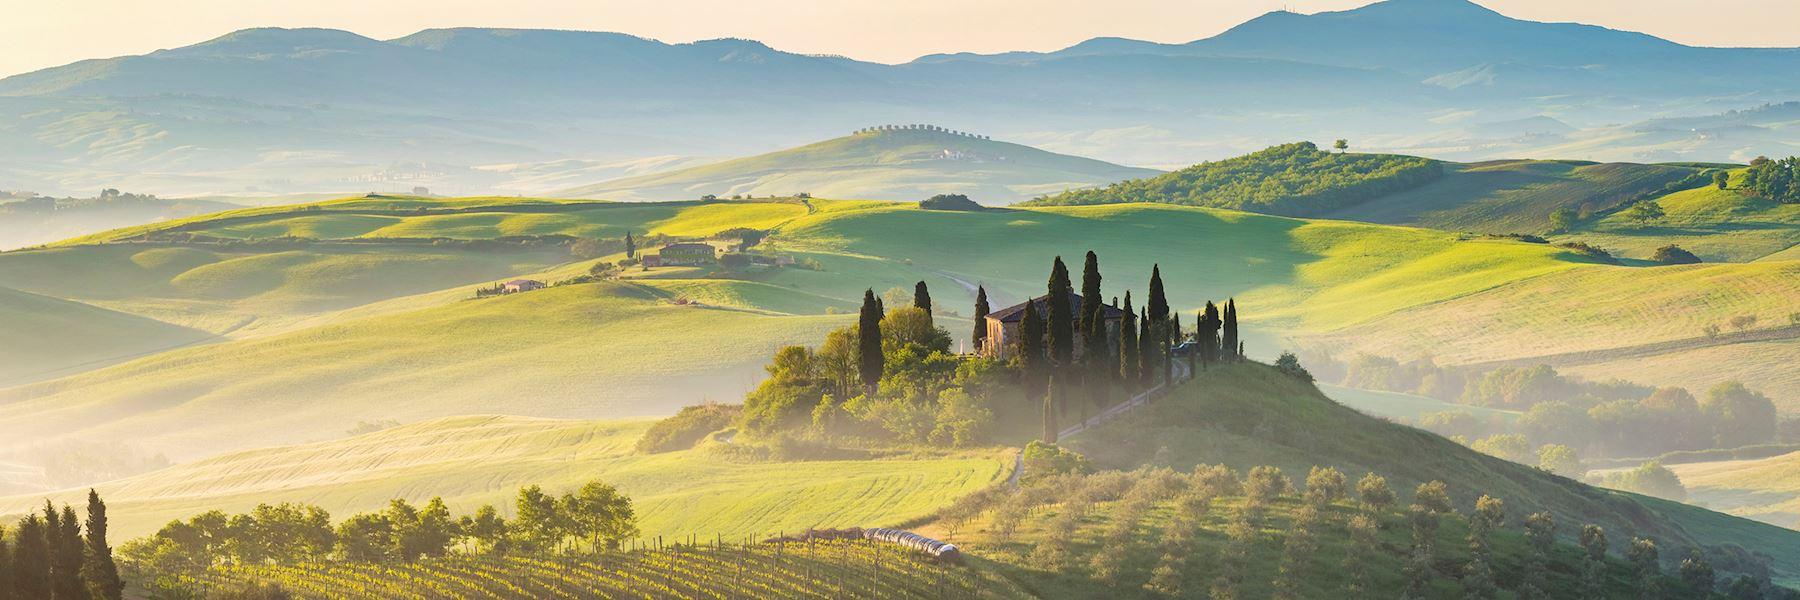 Tuscany vacations  2019 & 2020